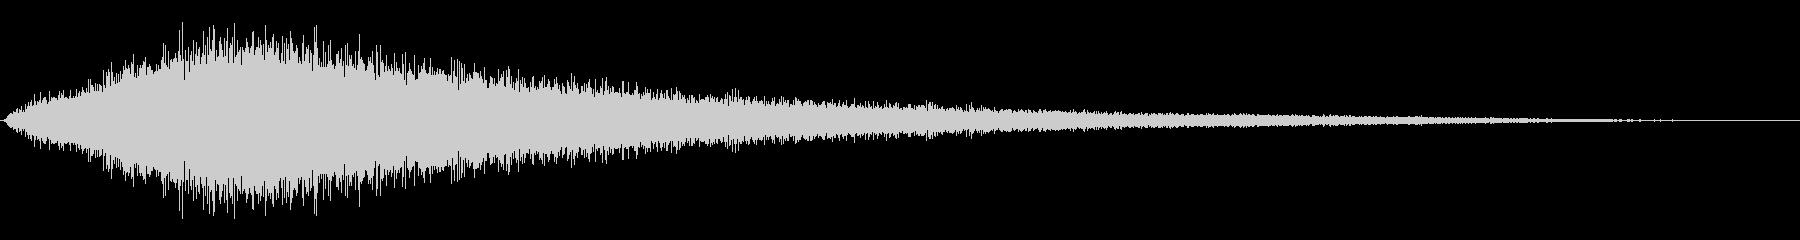 シューッという音EC07_72_5の未再生の波形